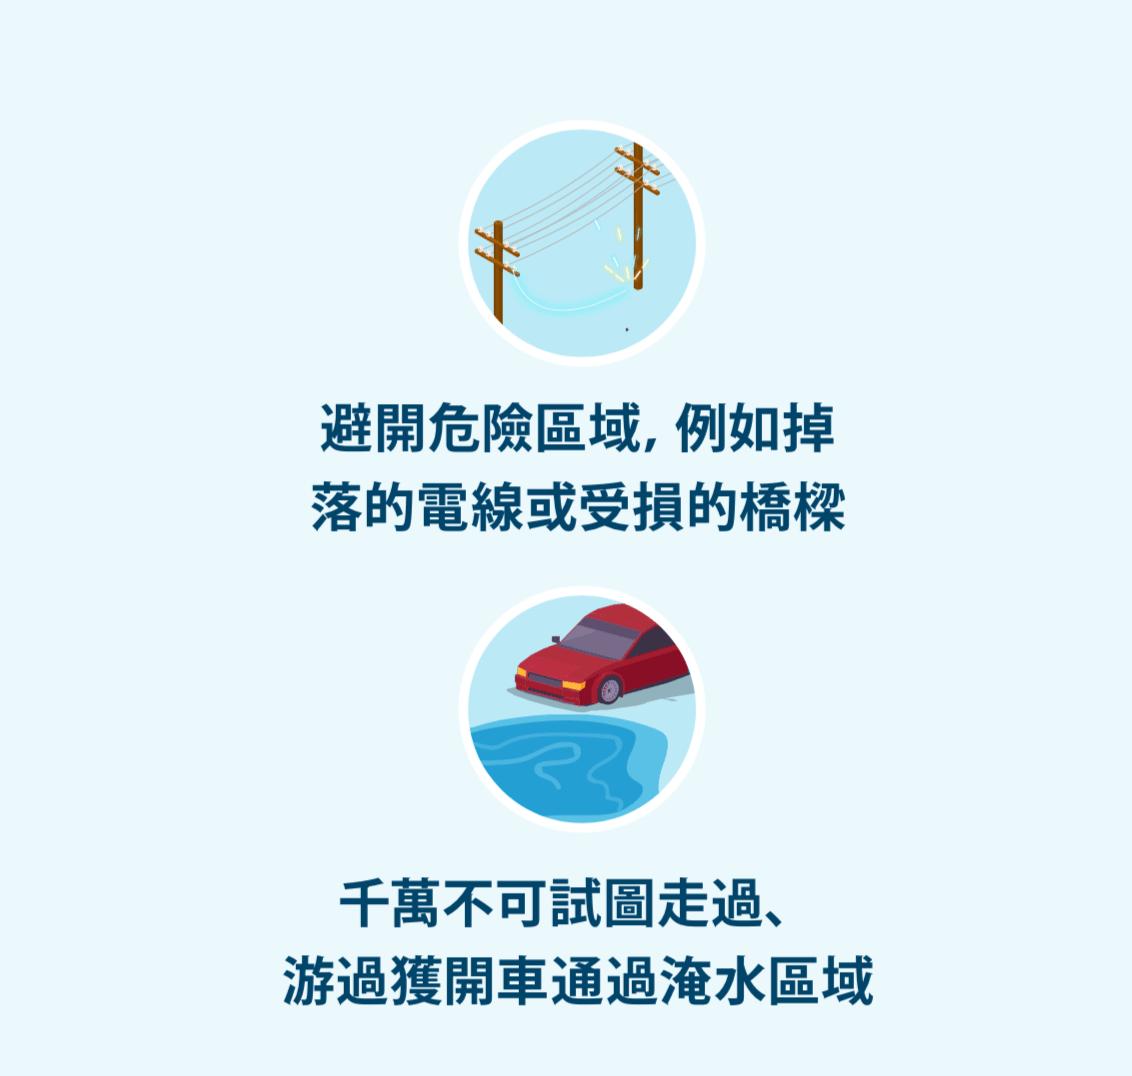 電力線和車子在水邊的插圖圖示